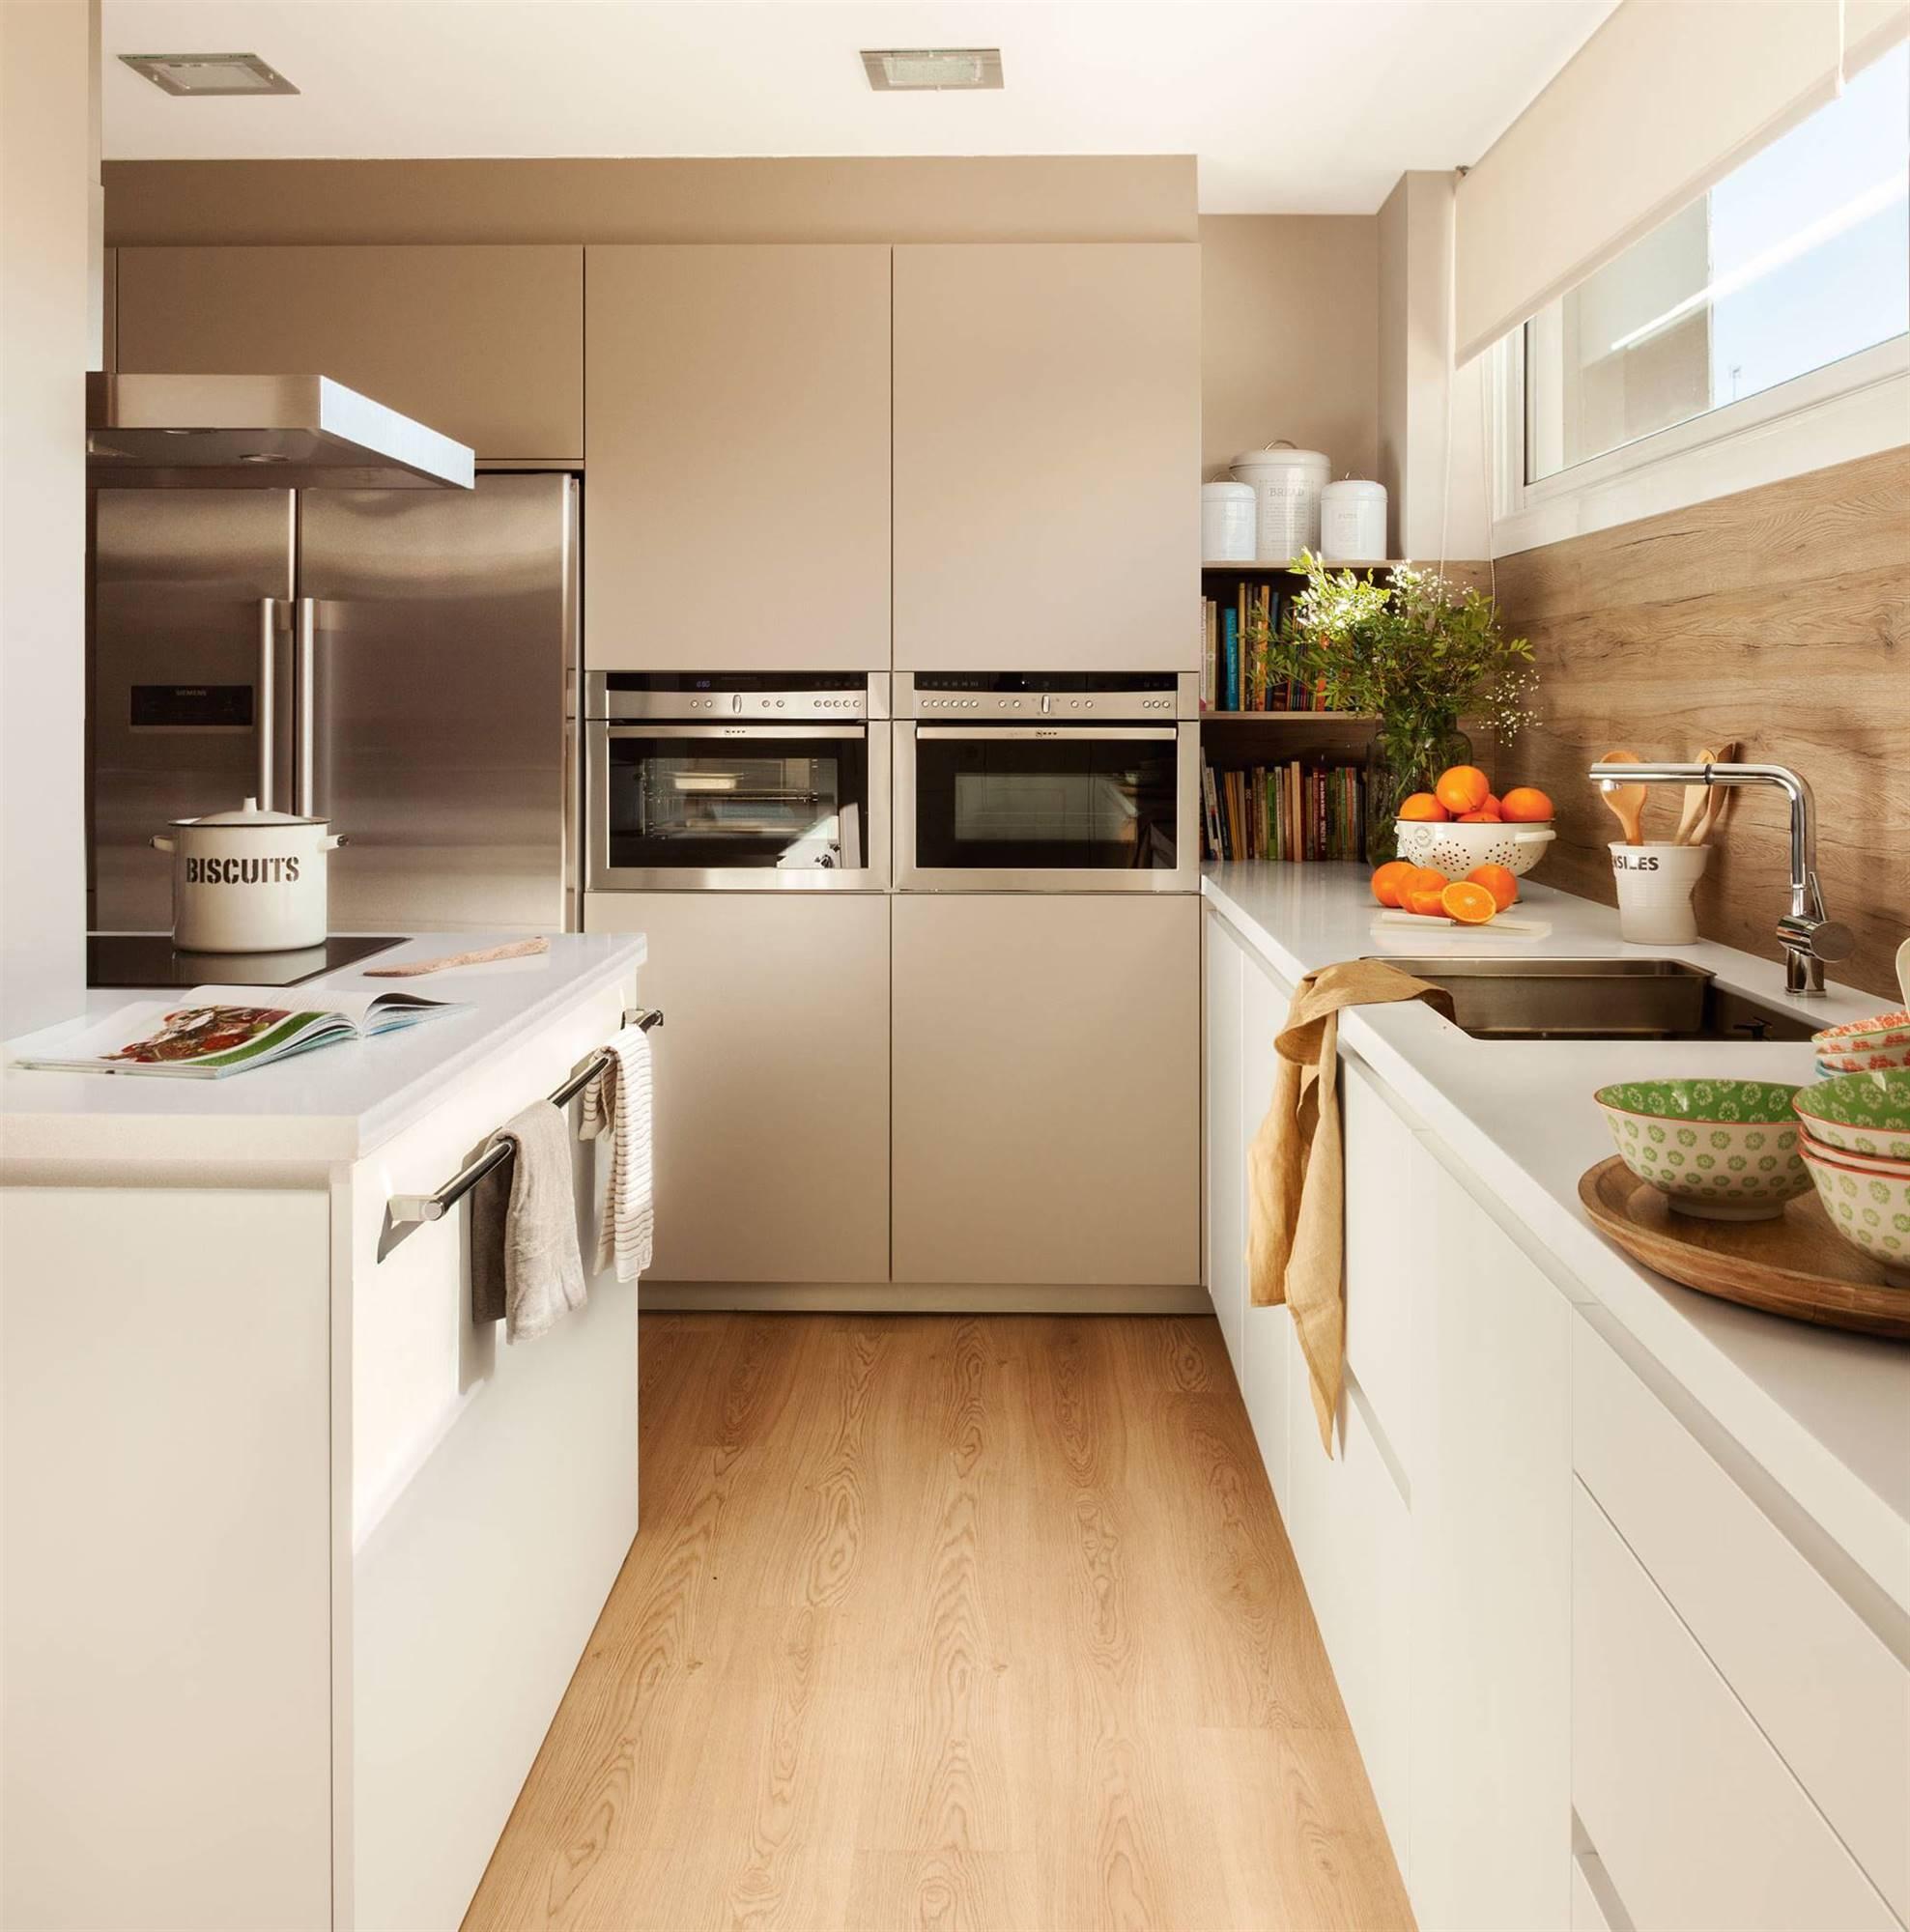 Cocinas modernas para inspirarte y coger ideas para copiar - Cocinas blancas lacadas ...